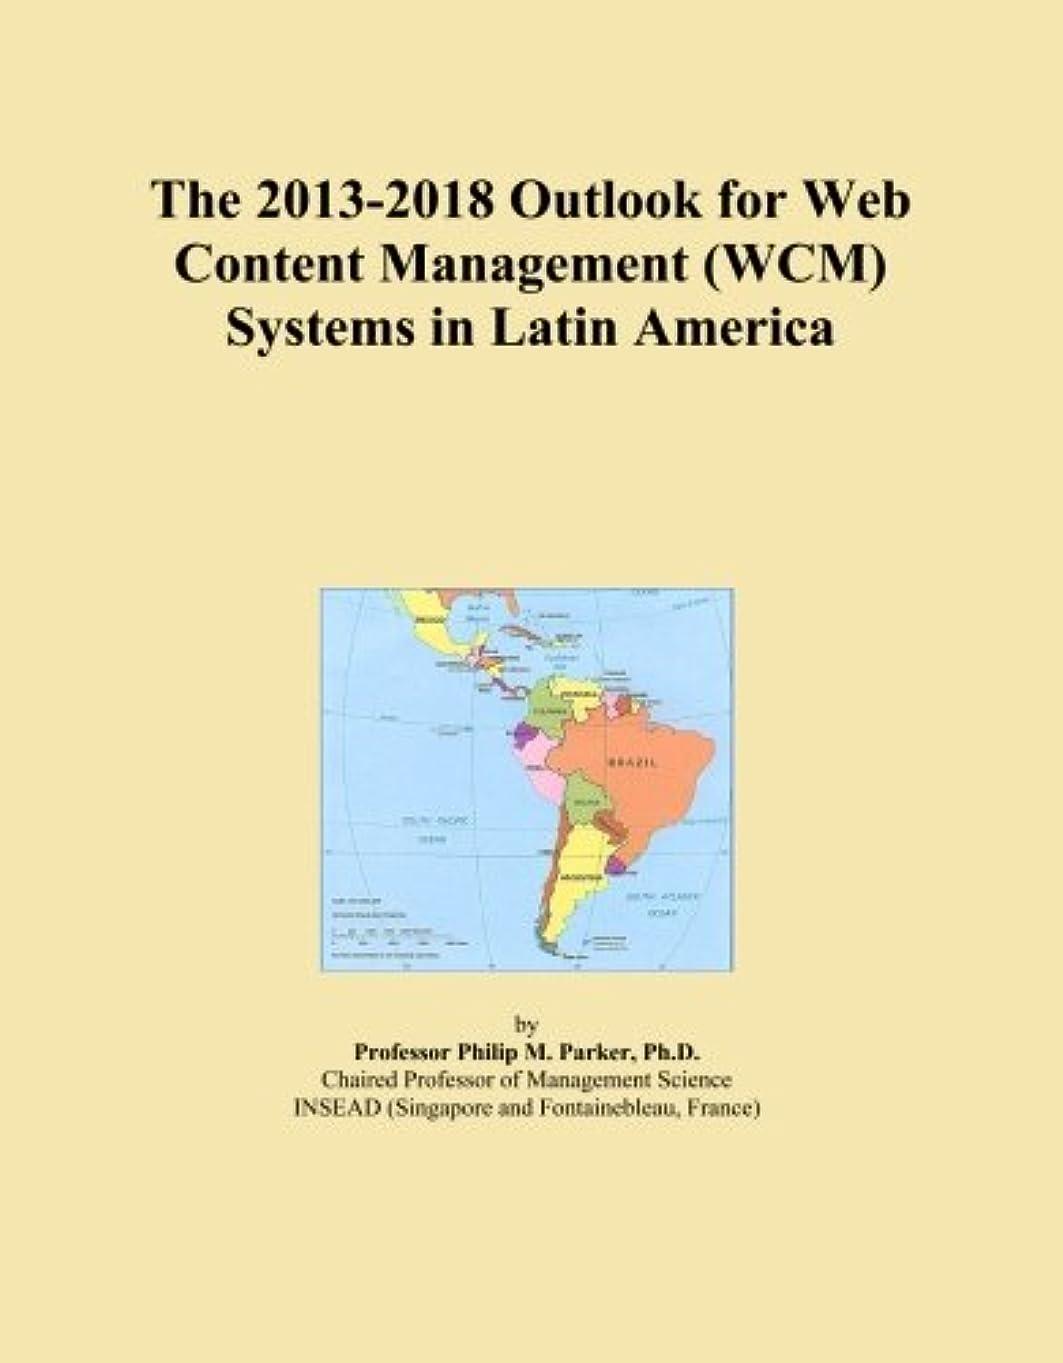 濃度精巧な彼のThe 2013-2018 Outlook for Web Content Management (WCM) Systems in Latin America